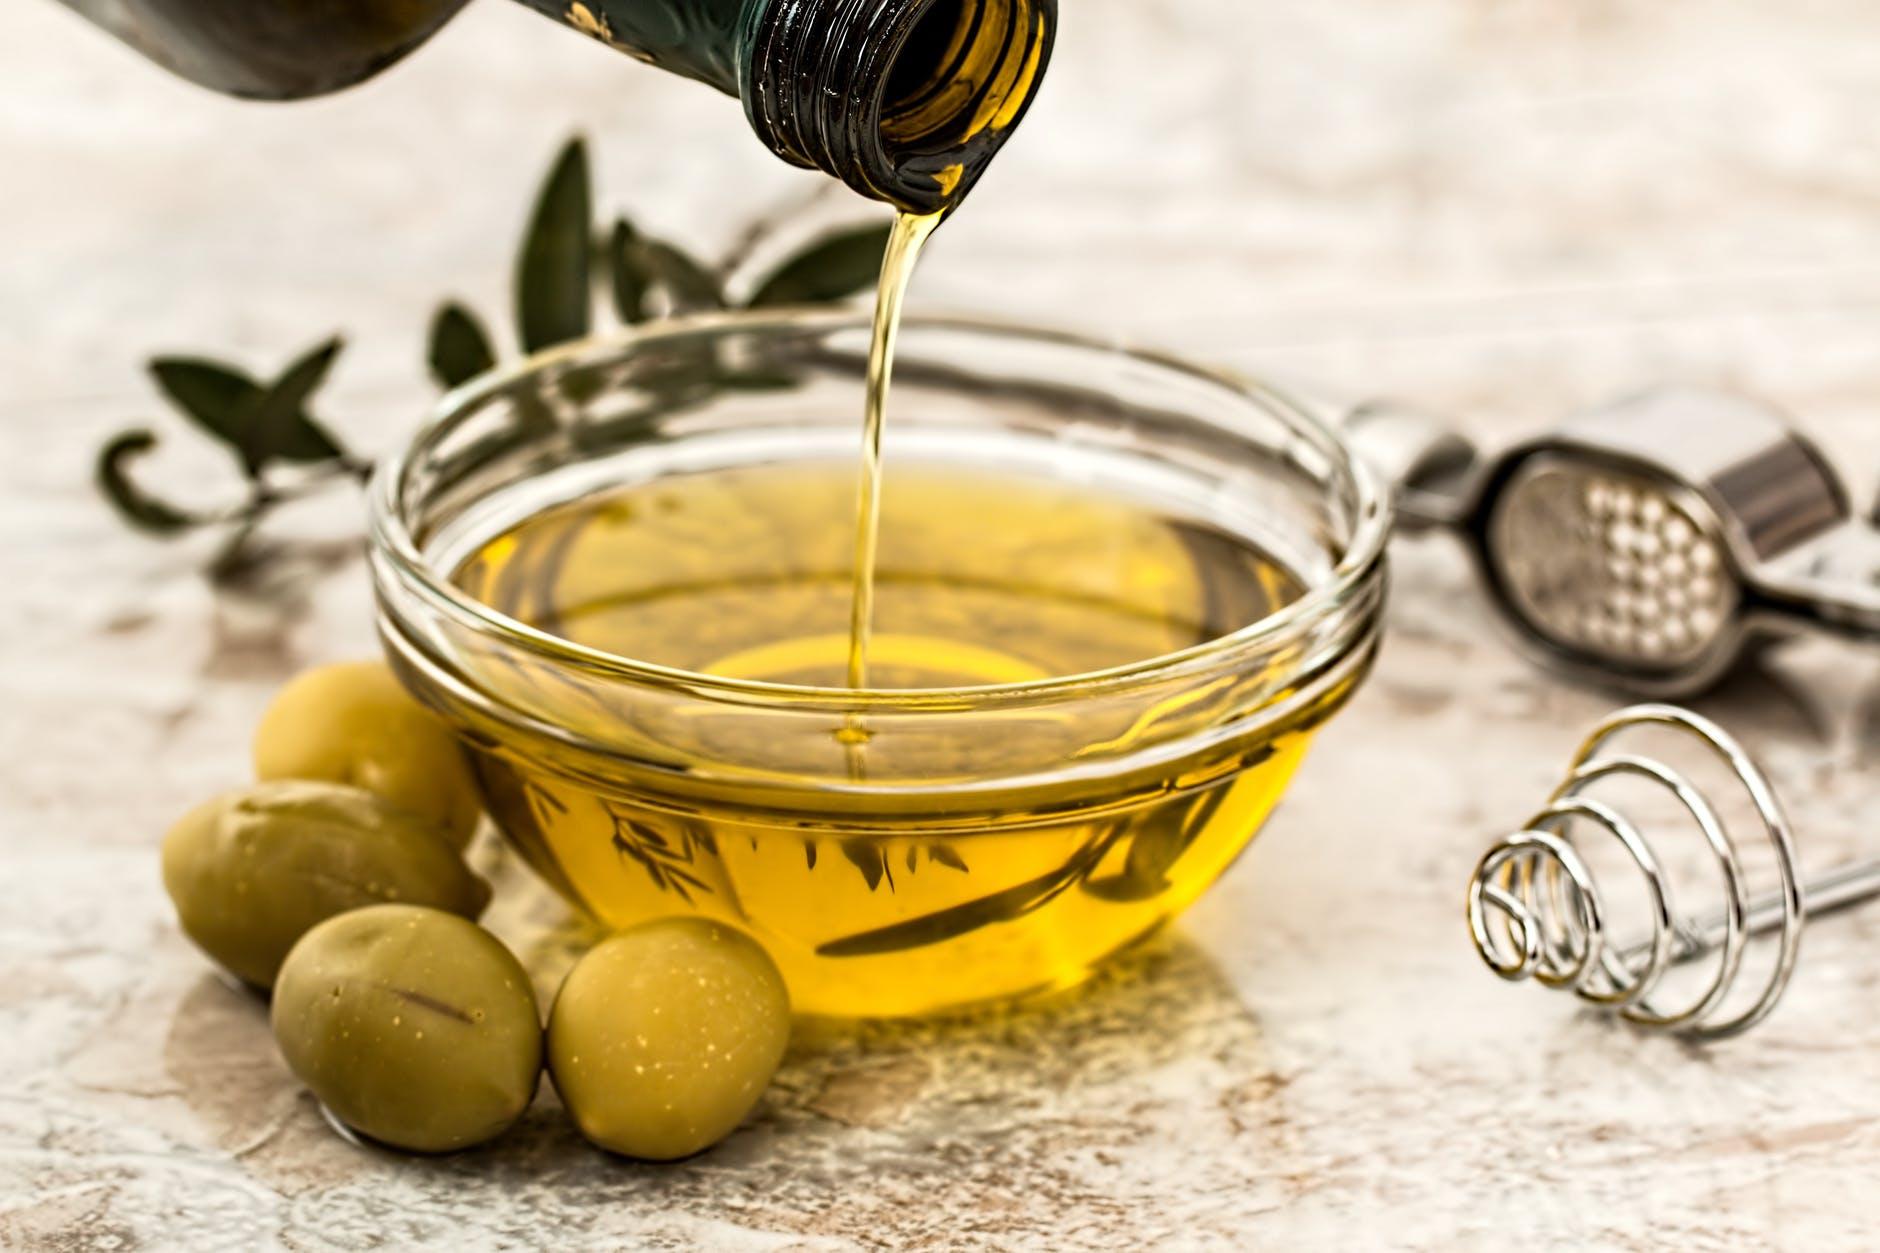 La dieta mediterránea mejora la disfunción eréctil